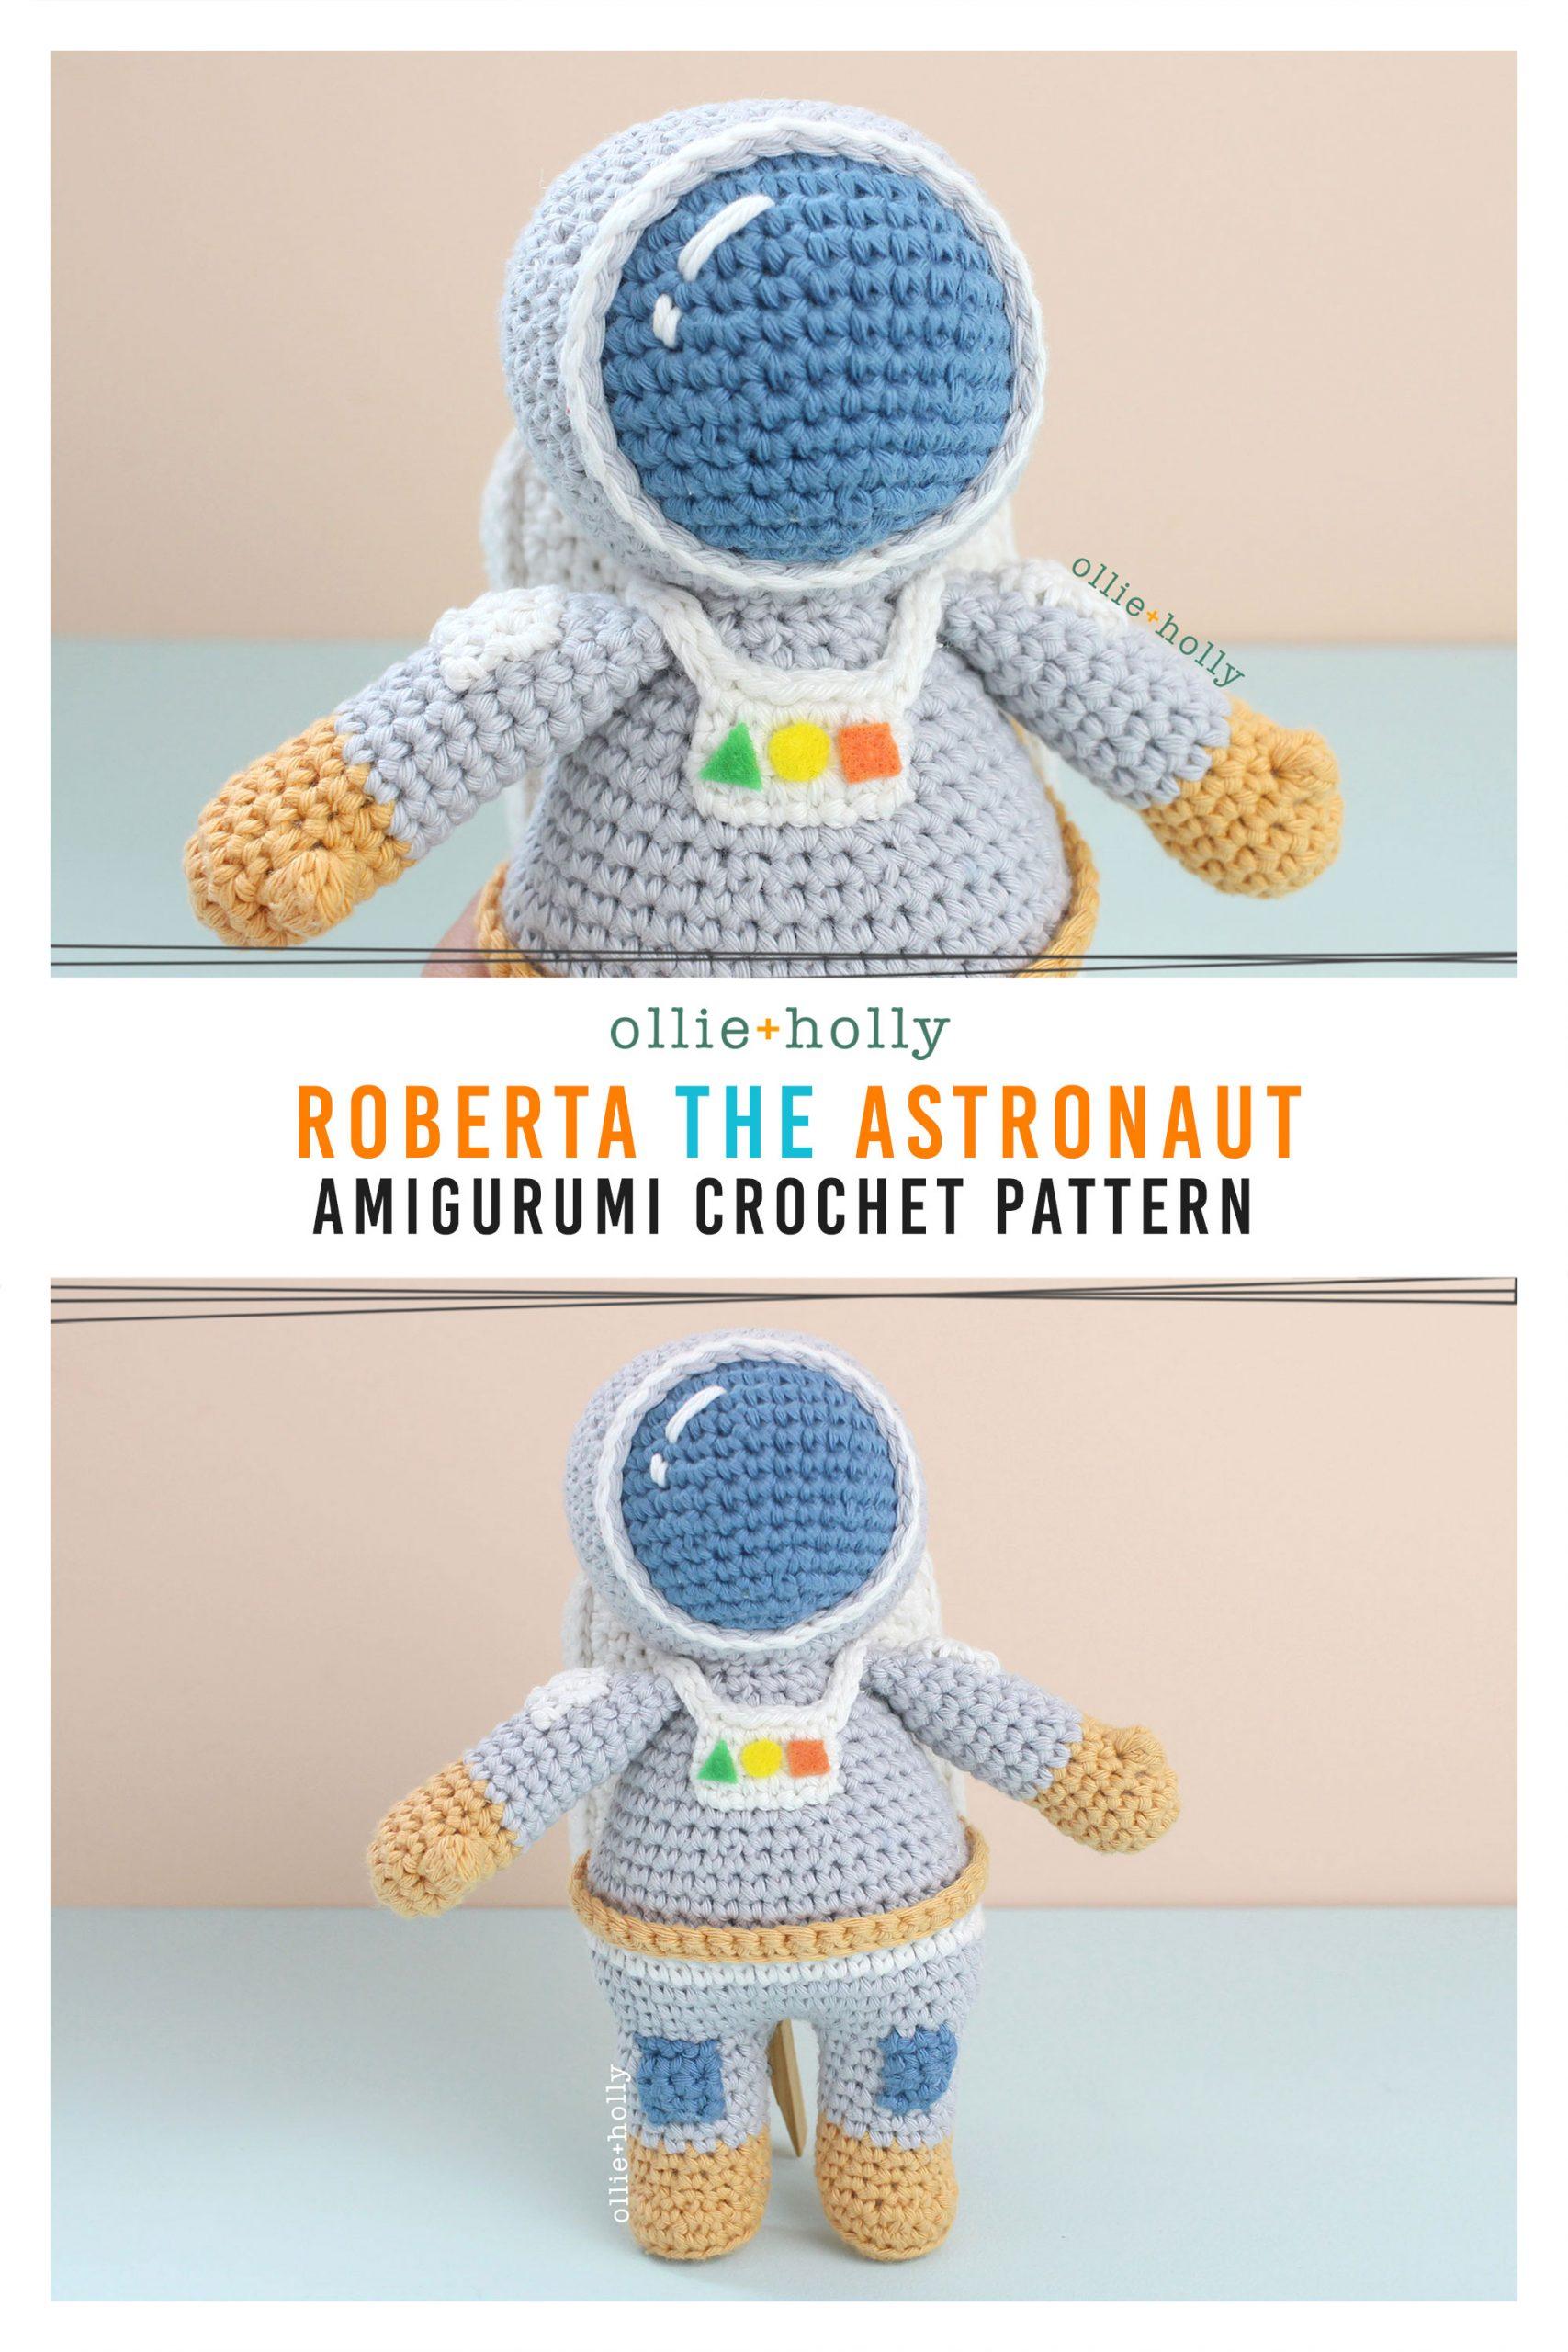 Roberta the Astronaut Amigurumi Crochet Pattern